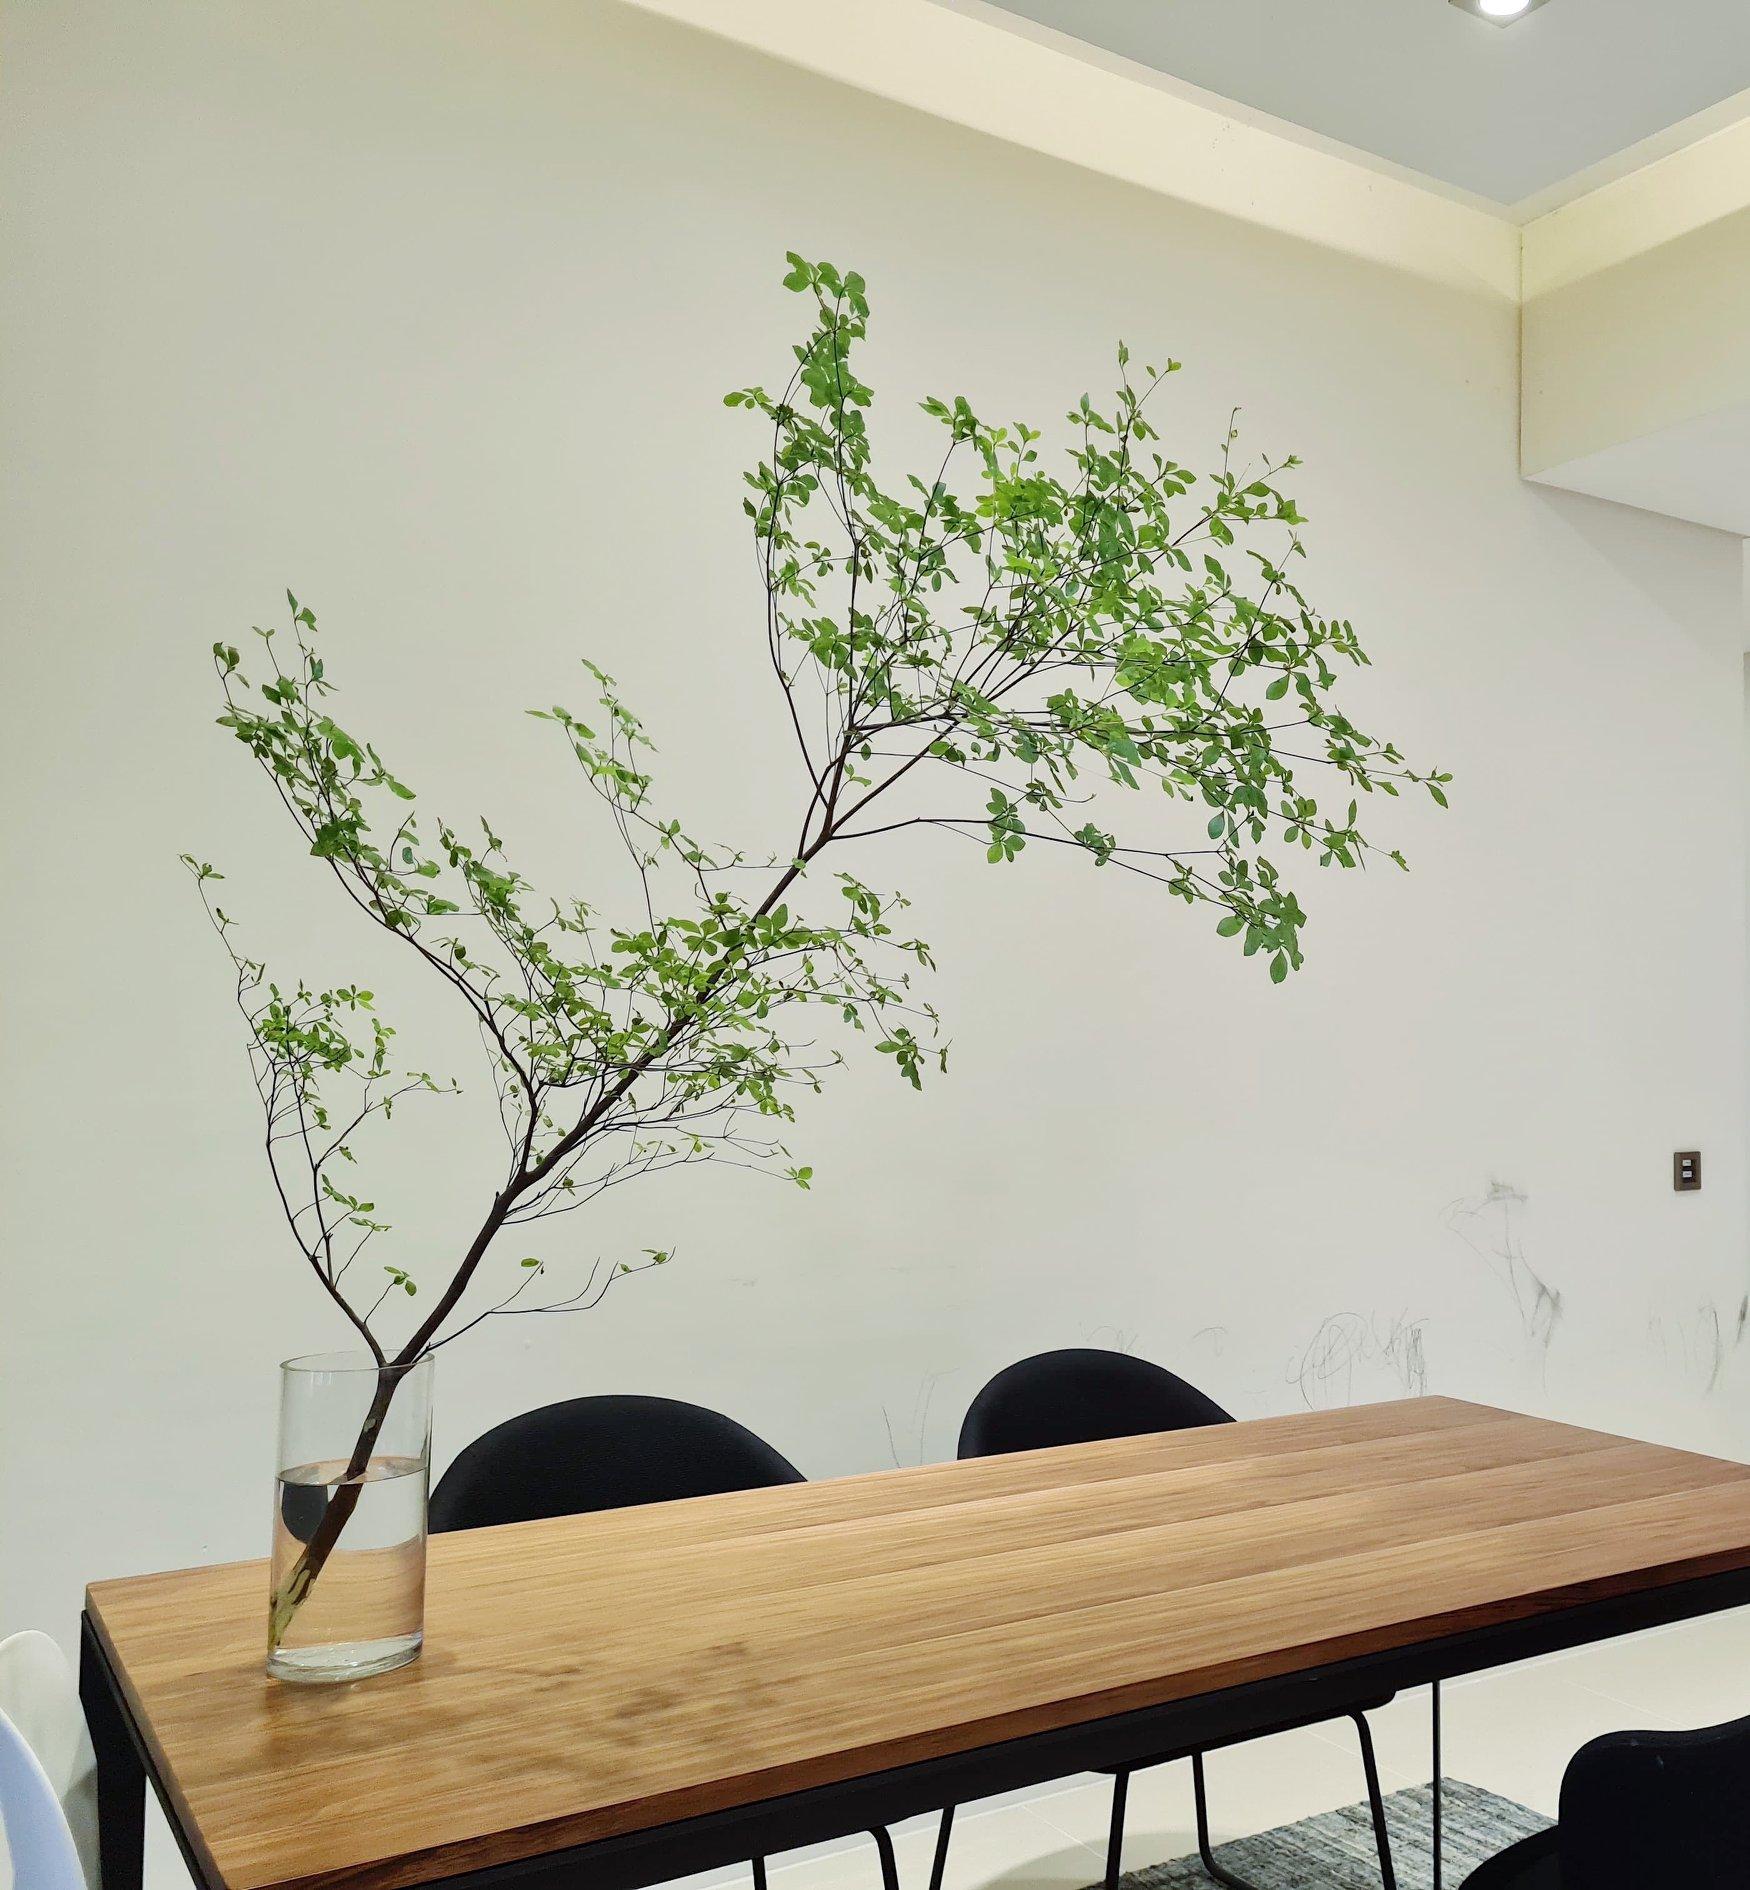 Dạo gần đây thị trường rộ mua cây thạch nam: Là loại cây gì, giá đắt không mà chị em yêu thích thế? - Ảnh 2.